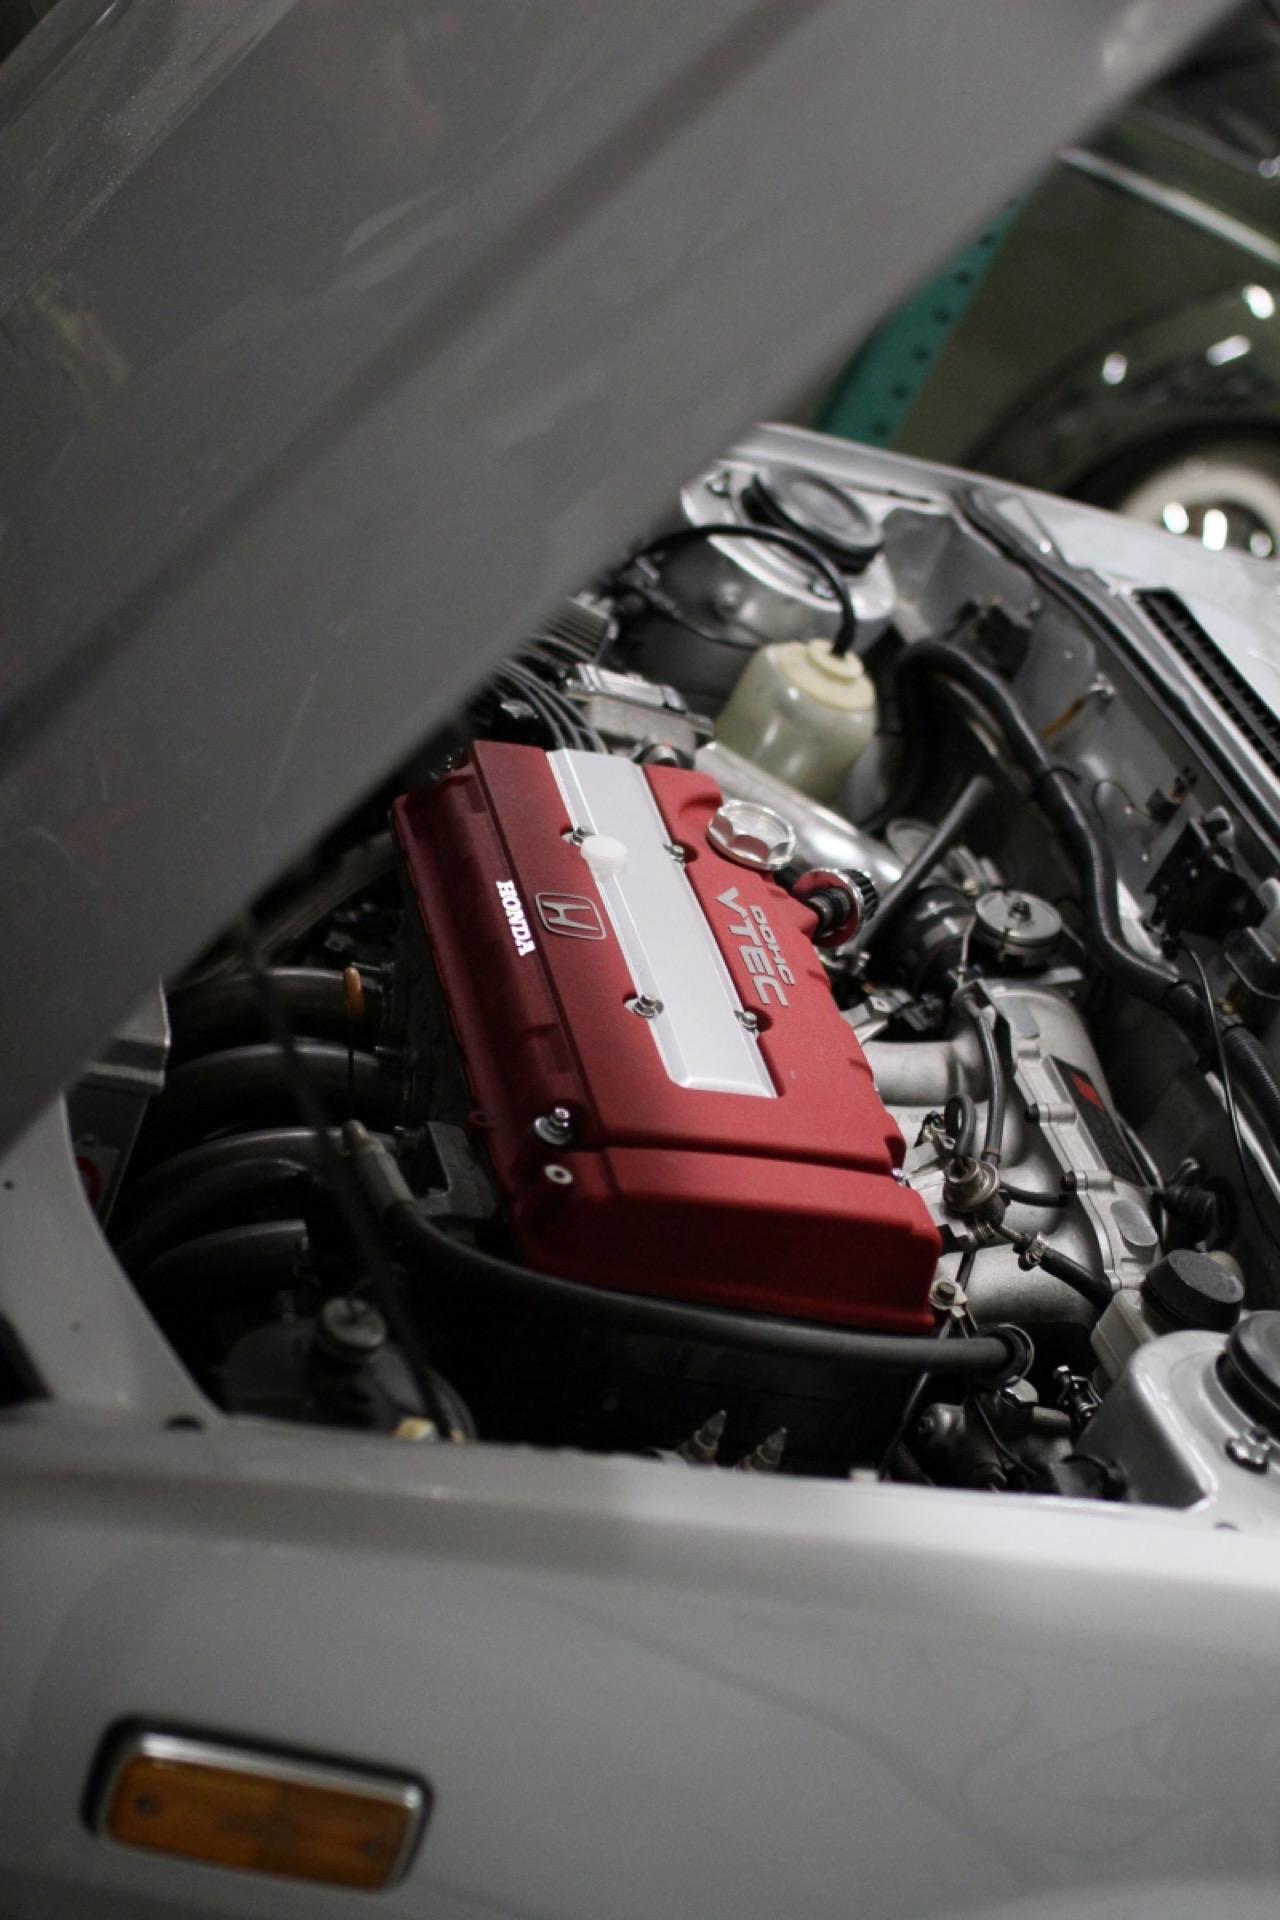 '78 Honda Civic - 218 ch pour 750 kg ! 13